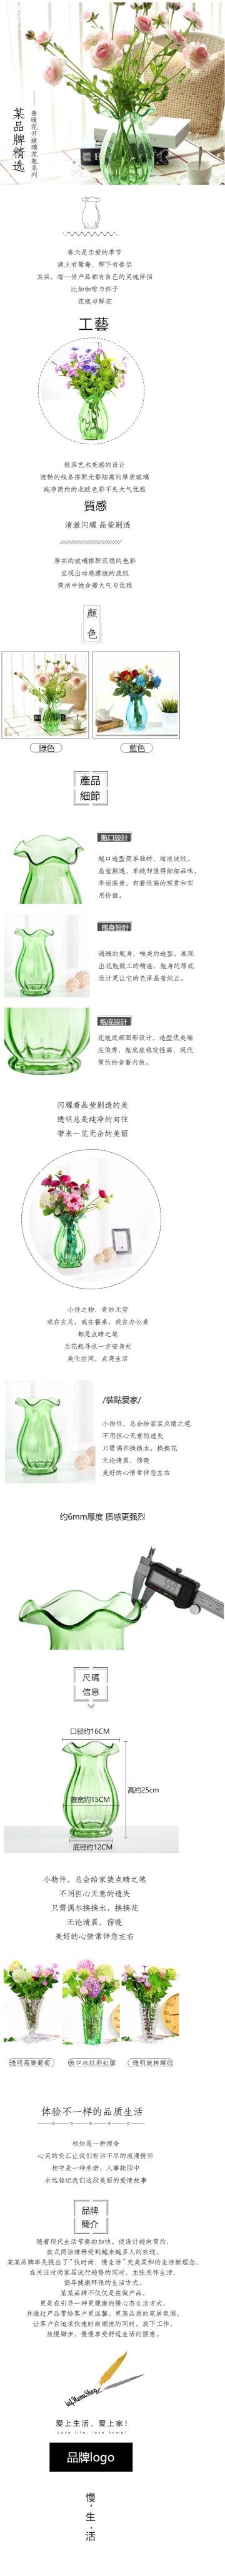 简约文艺花瓶花卉电商详情页